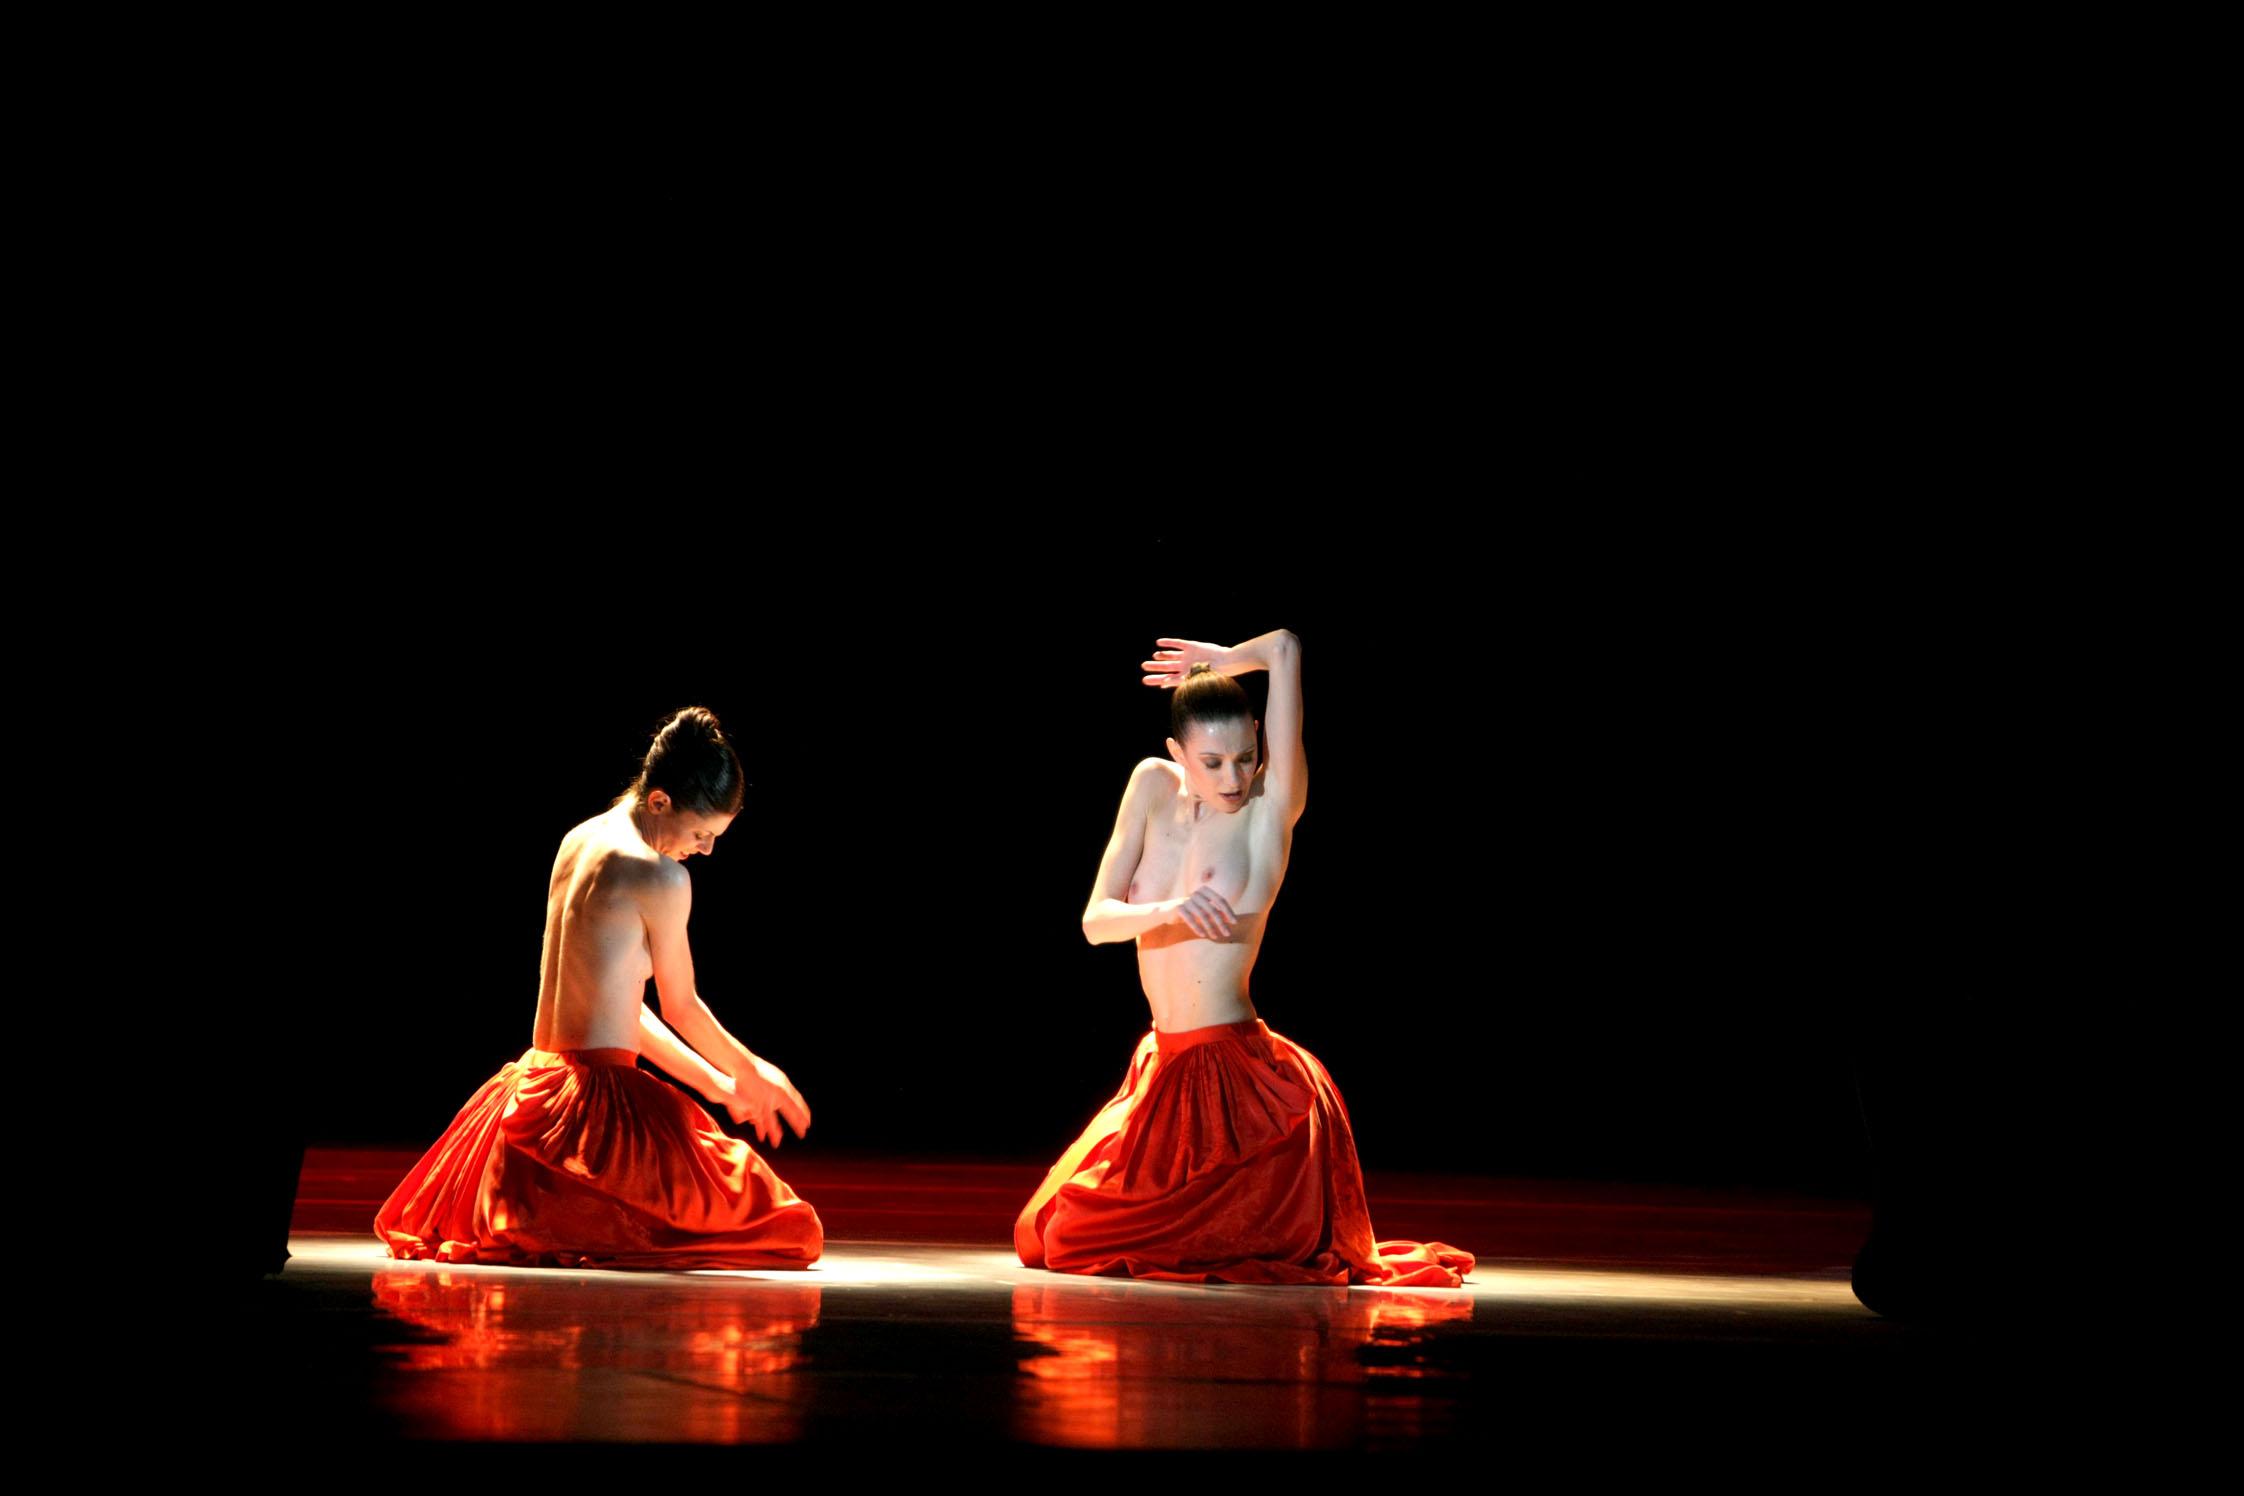 Presentata la stagione di Balletto 2021-2022 del Teatro alla Scala